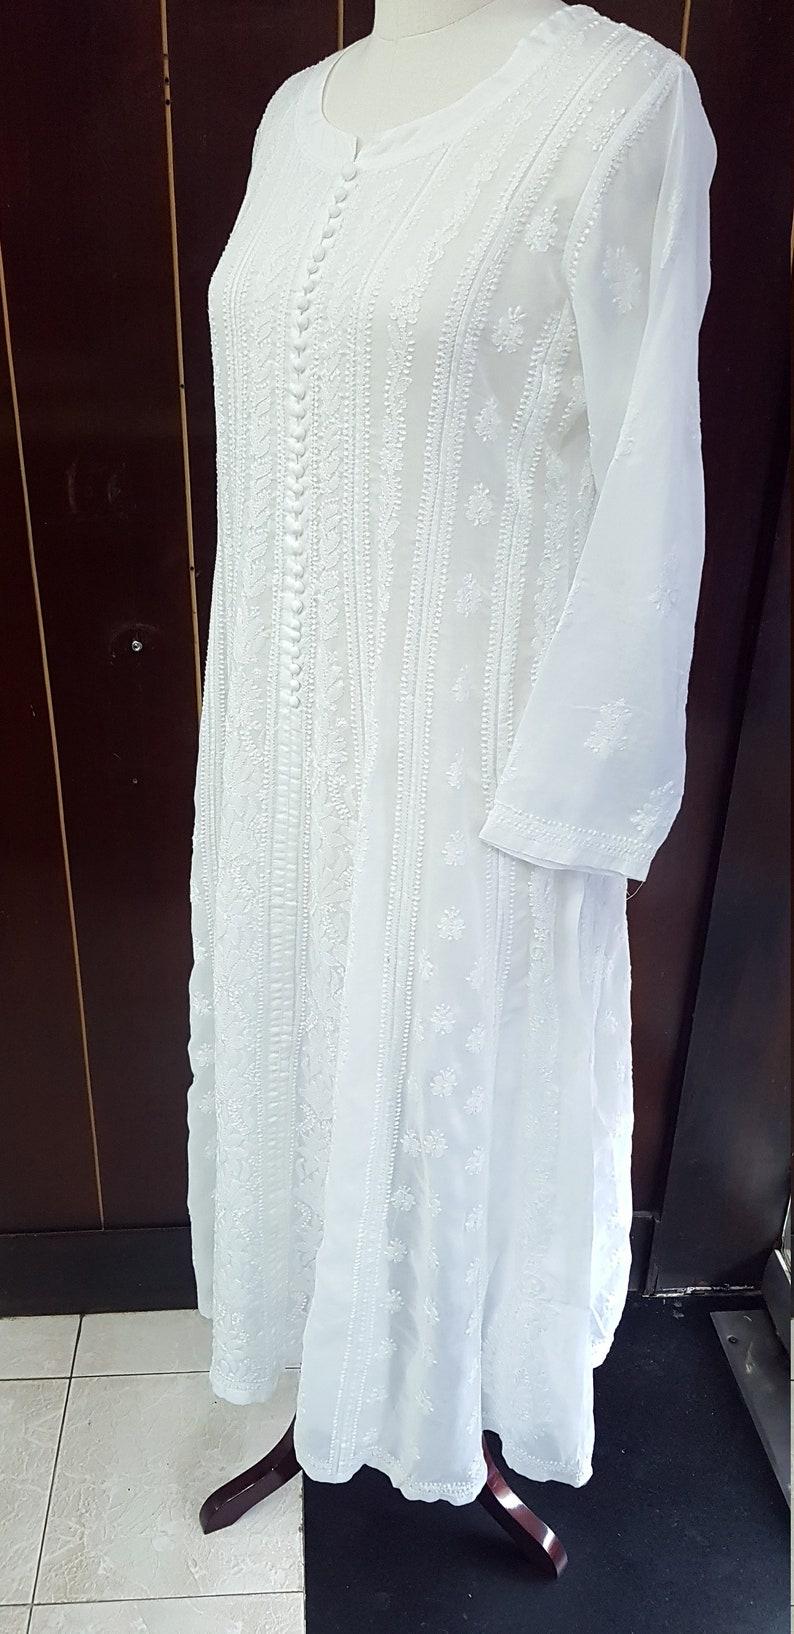 Cotton Azhara Kali Dress with Chiffon Stole